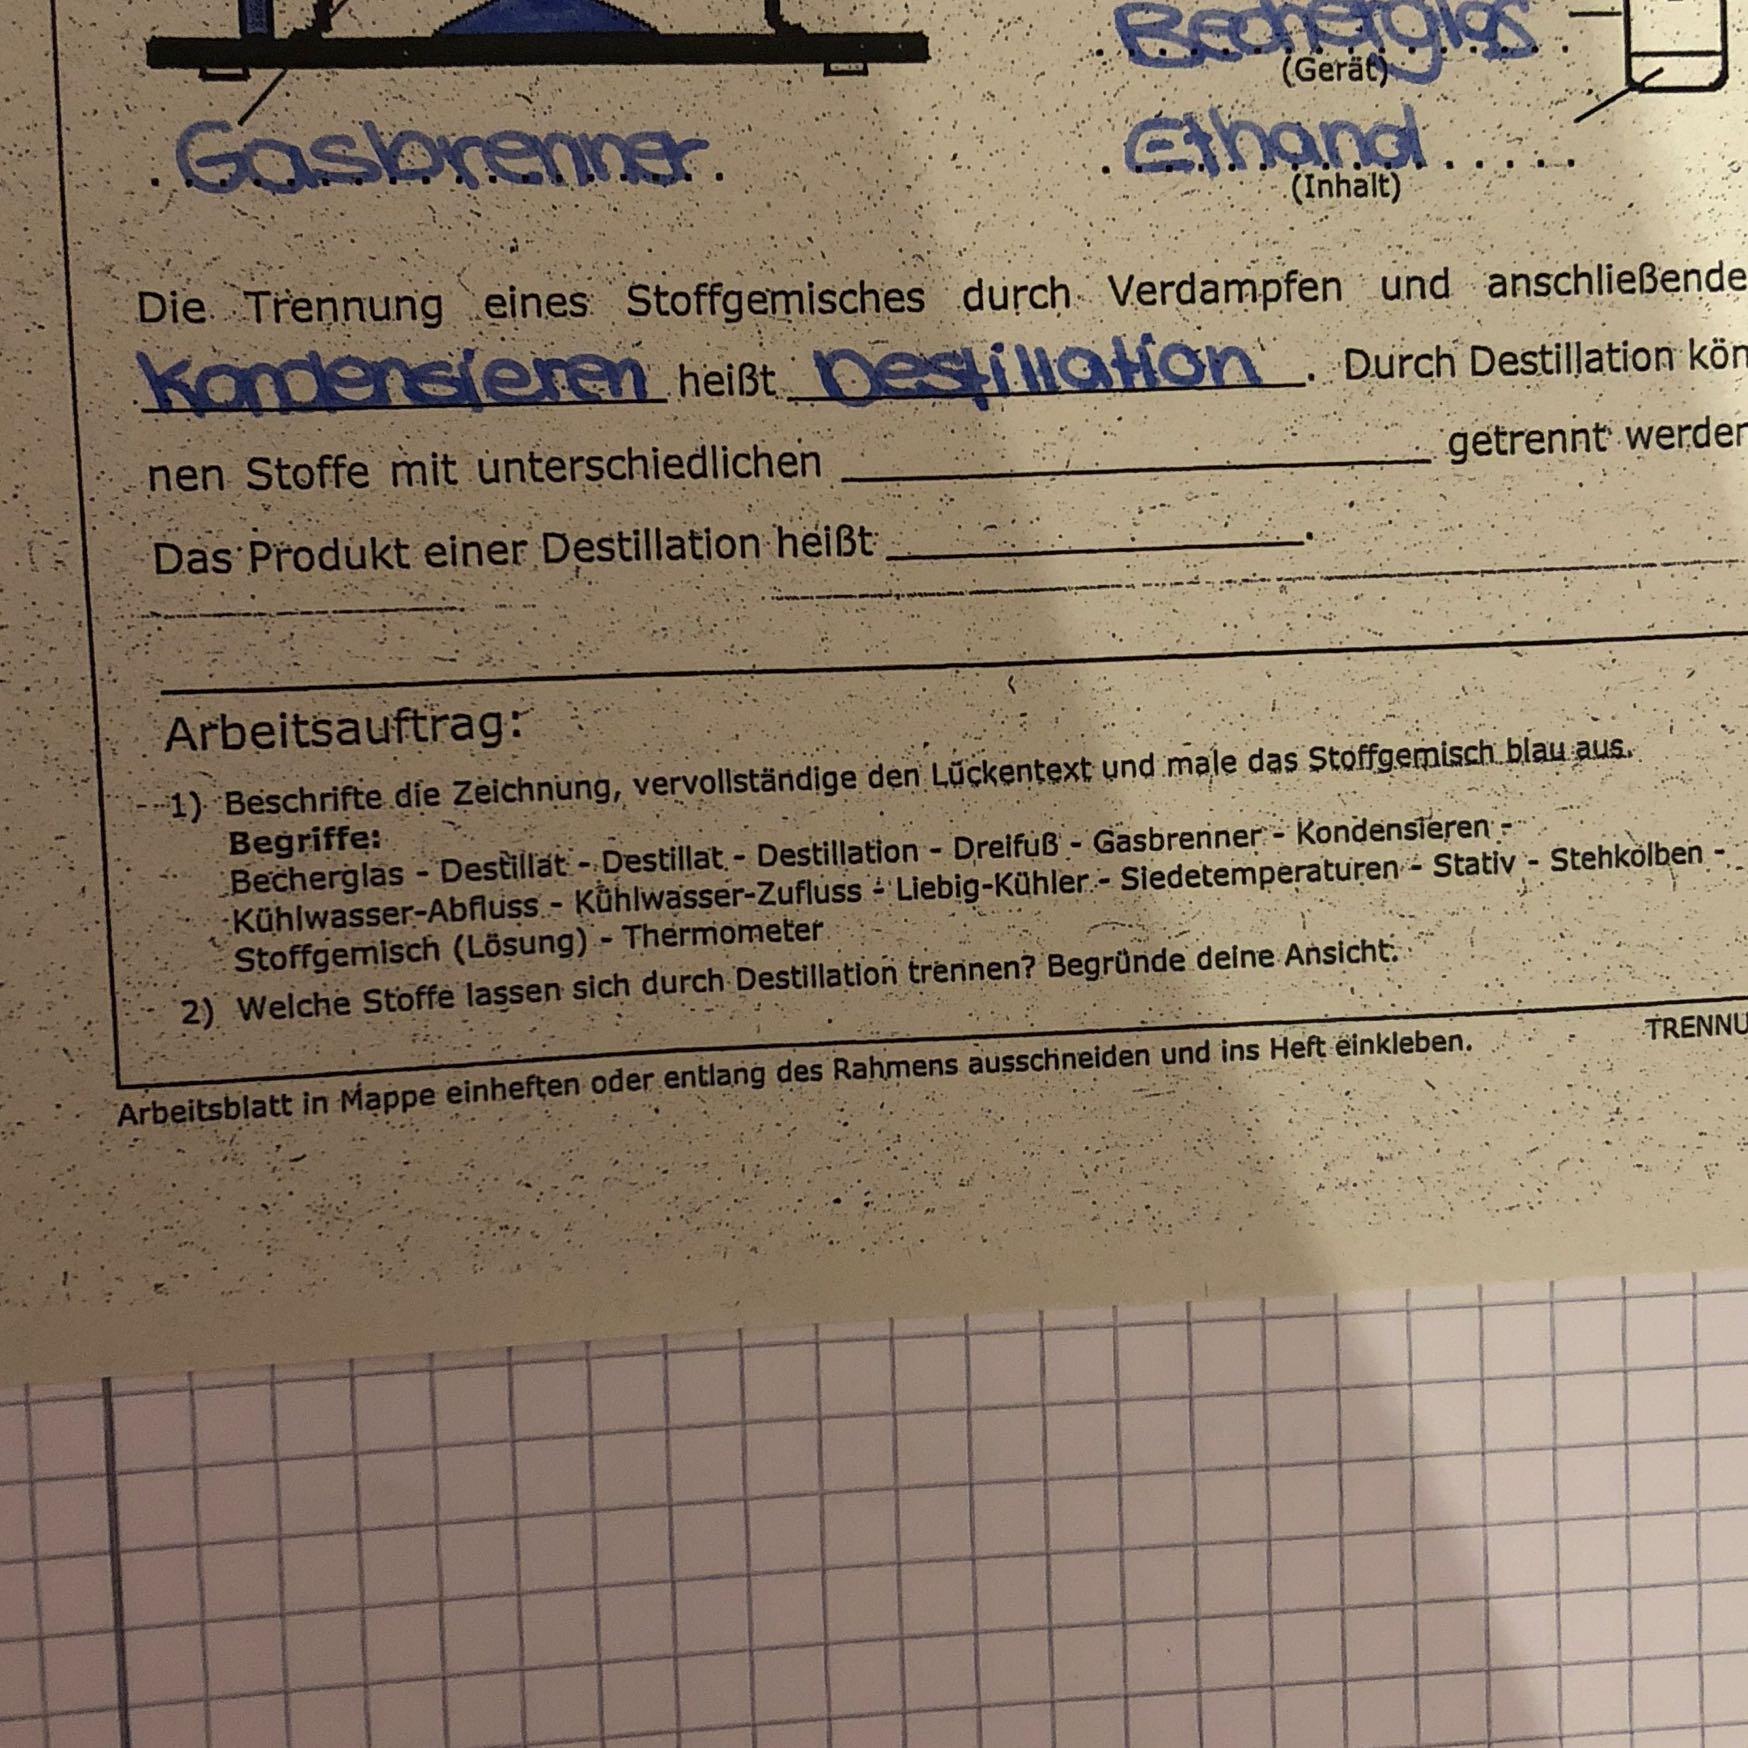 Fragen zur Destillation? (Chemie, Lückentext)